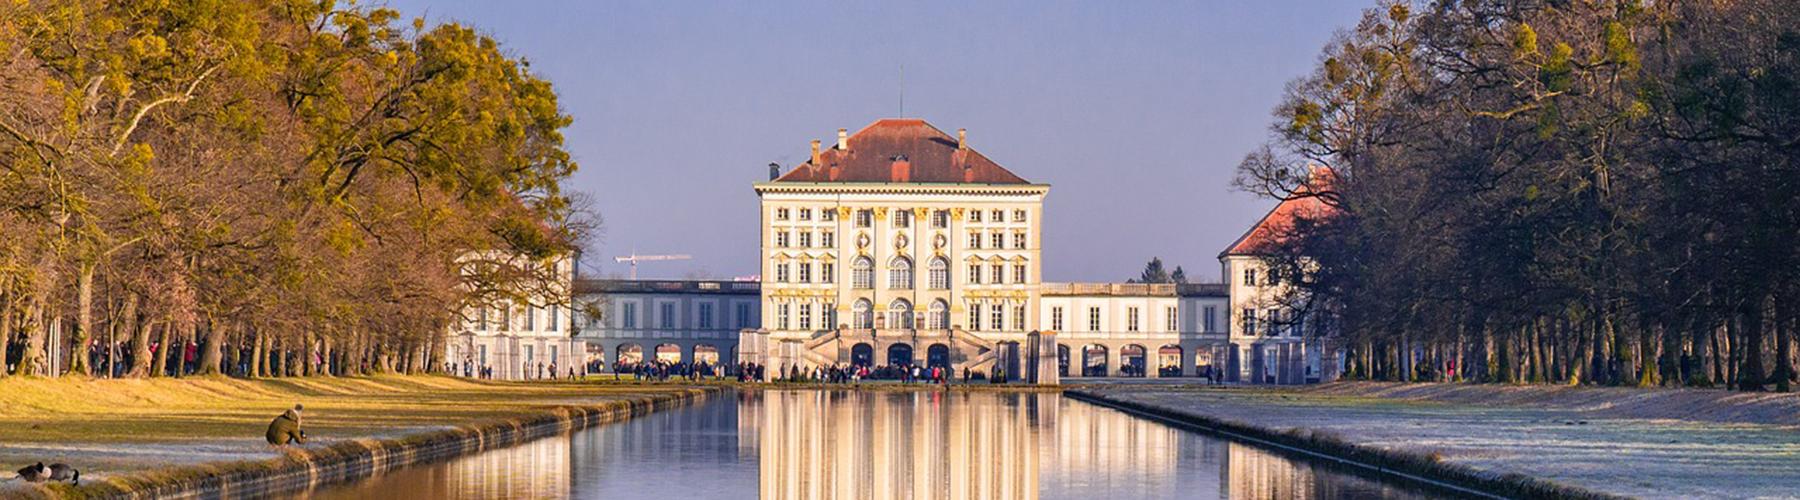 뮌헨 - 님펜부르크 궁전와 가까운 호스텔. 뮌헨의 지도, 뮌헨에 위치한 호스텔 사진 및 후기 정보.